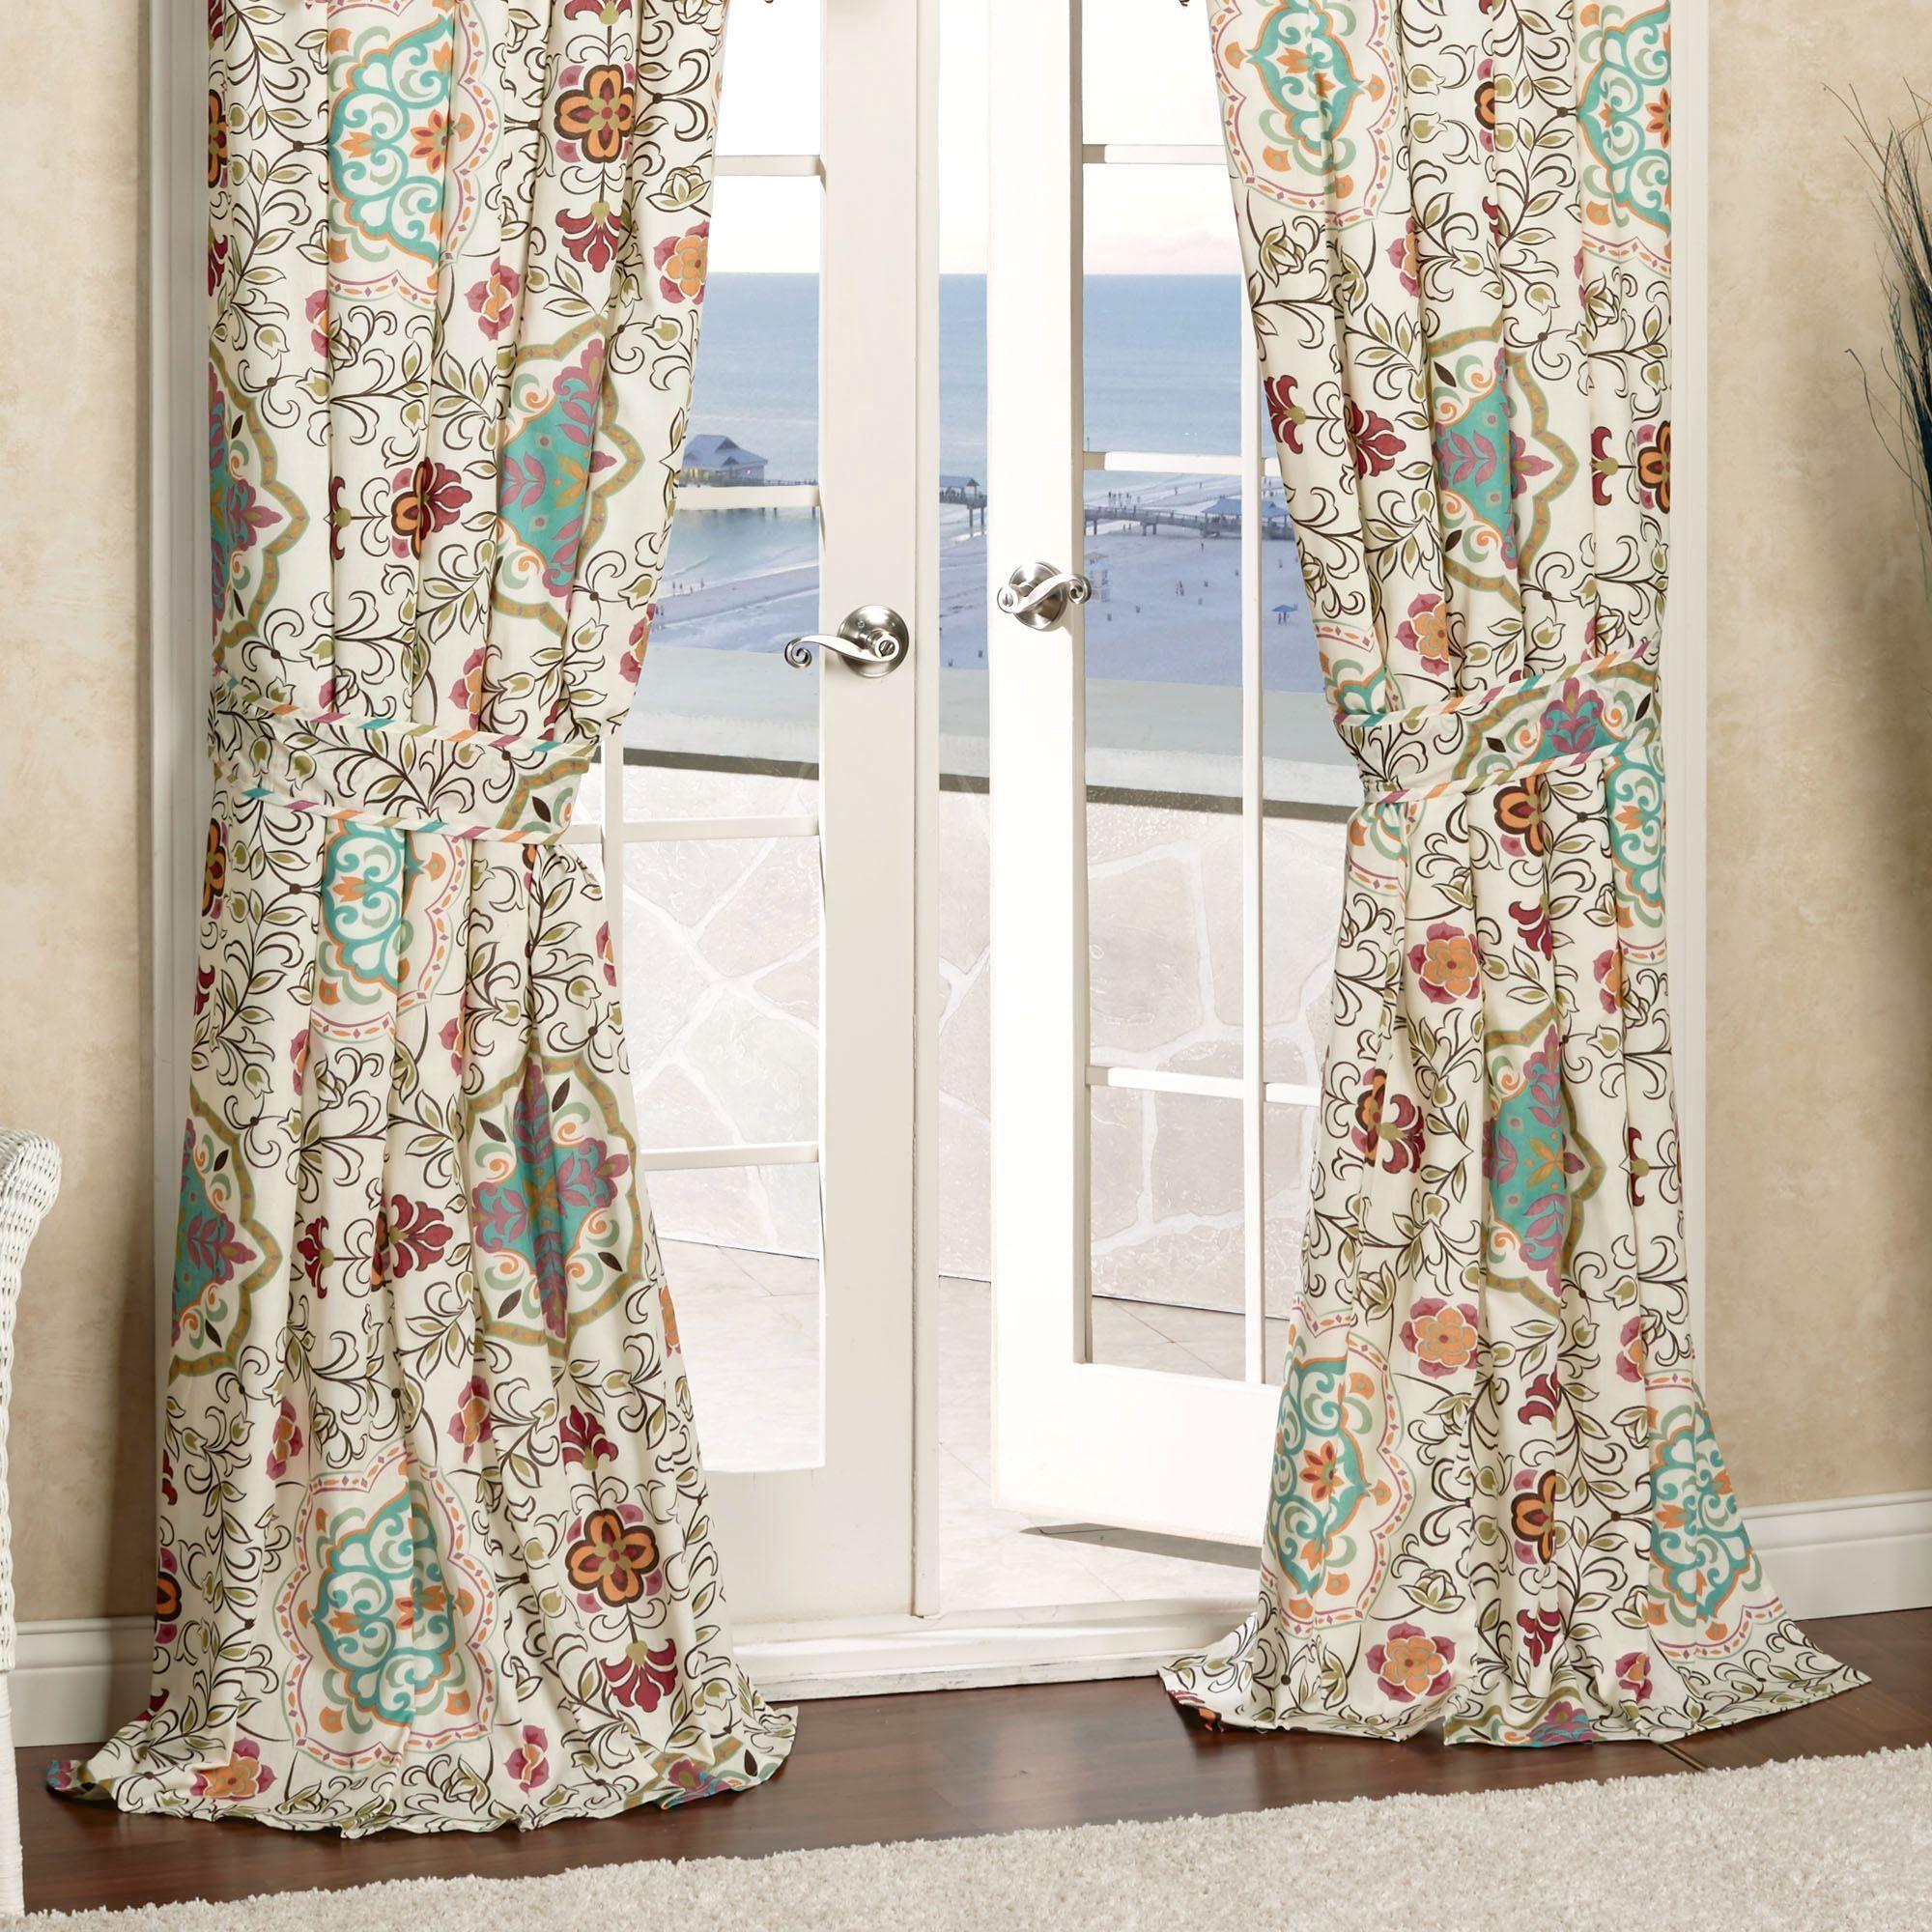 Cote D Azur Tailored Curtain Pair Light Cream 84 X